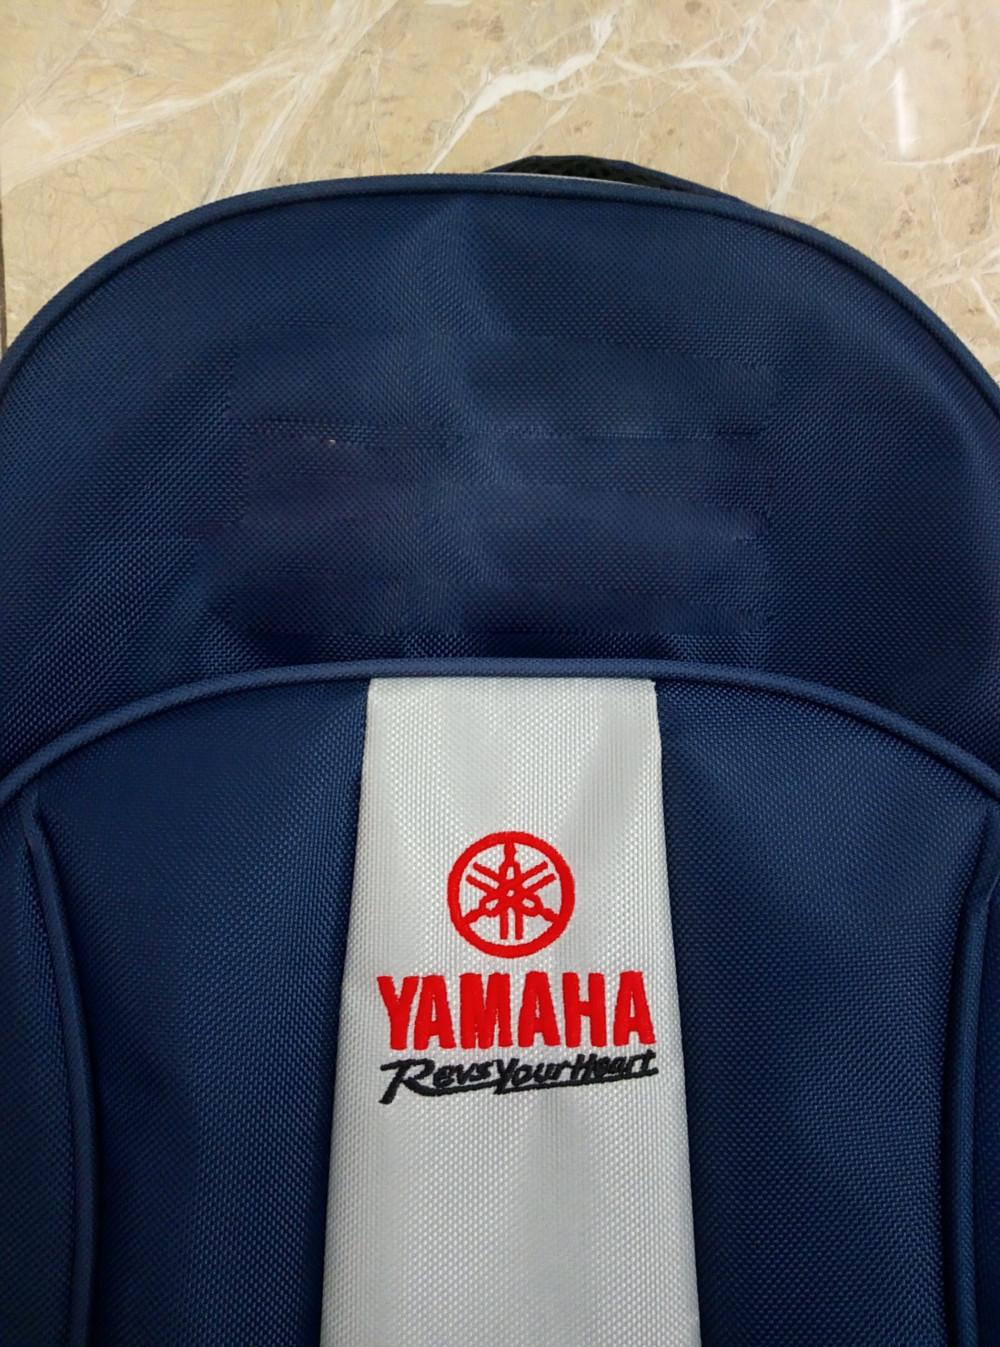 Sản xuất balo quảng cáo giá rẻ - balo quảng cáo cho Yamaha Town